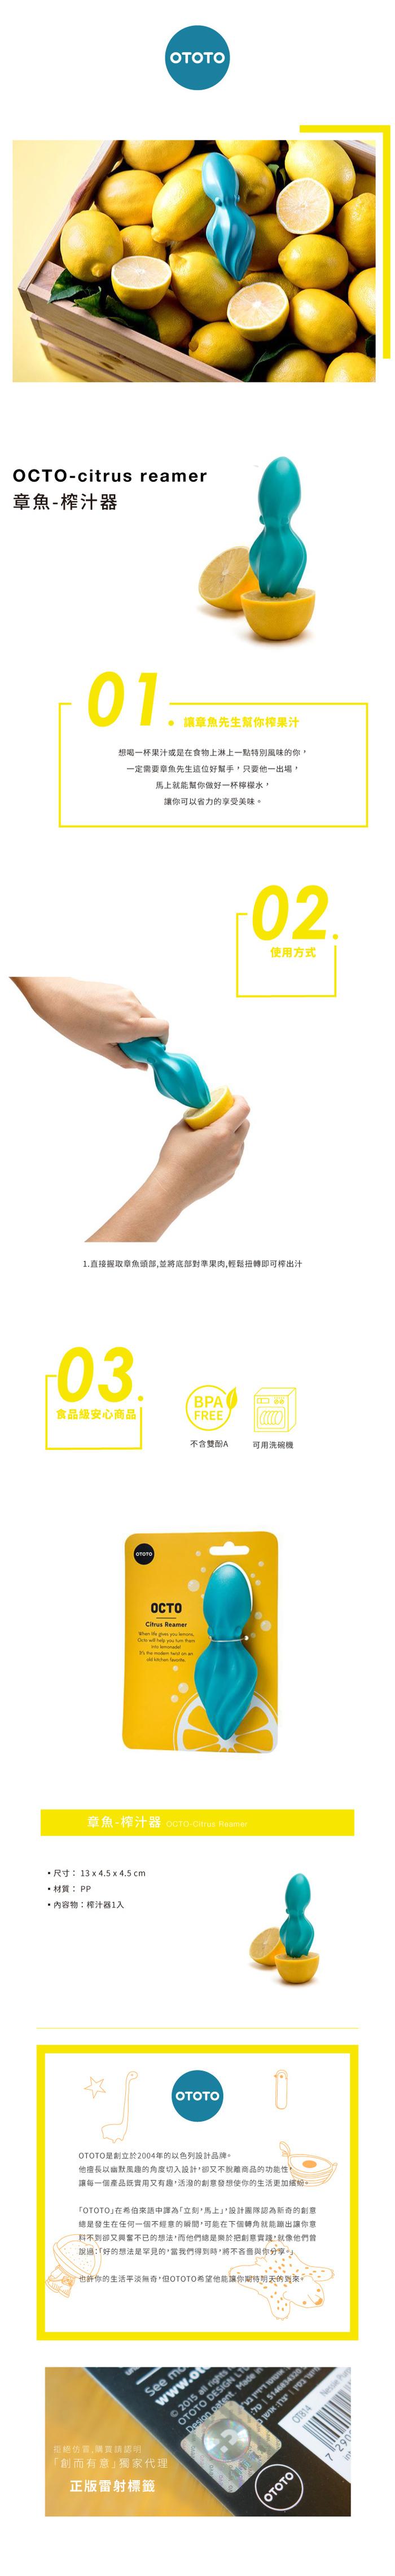 (複製)OTOTO|鯨魚-切蛋器